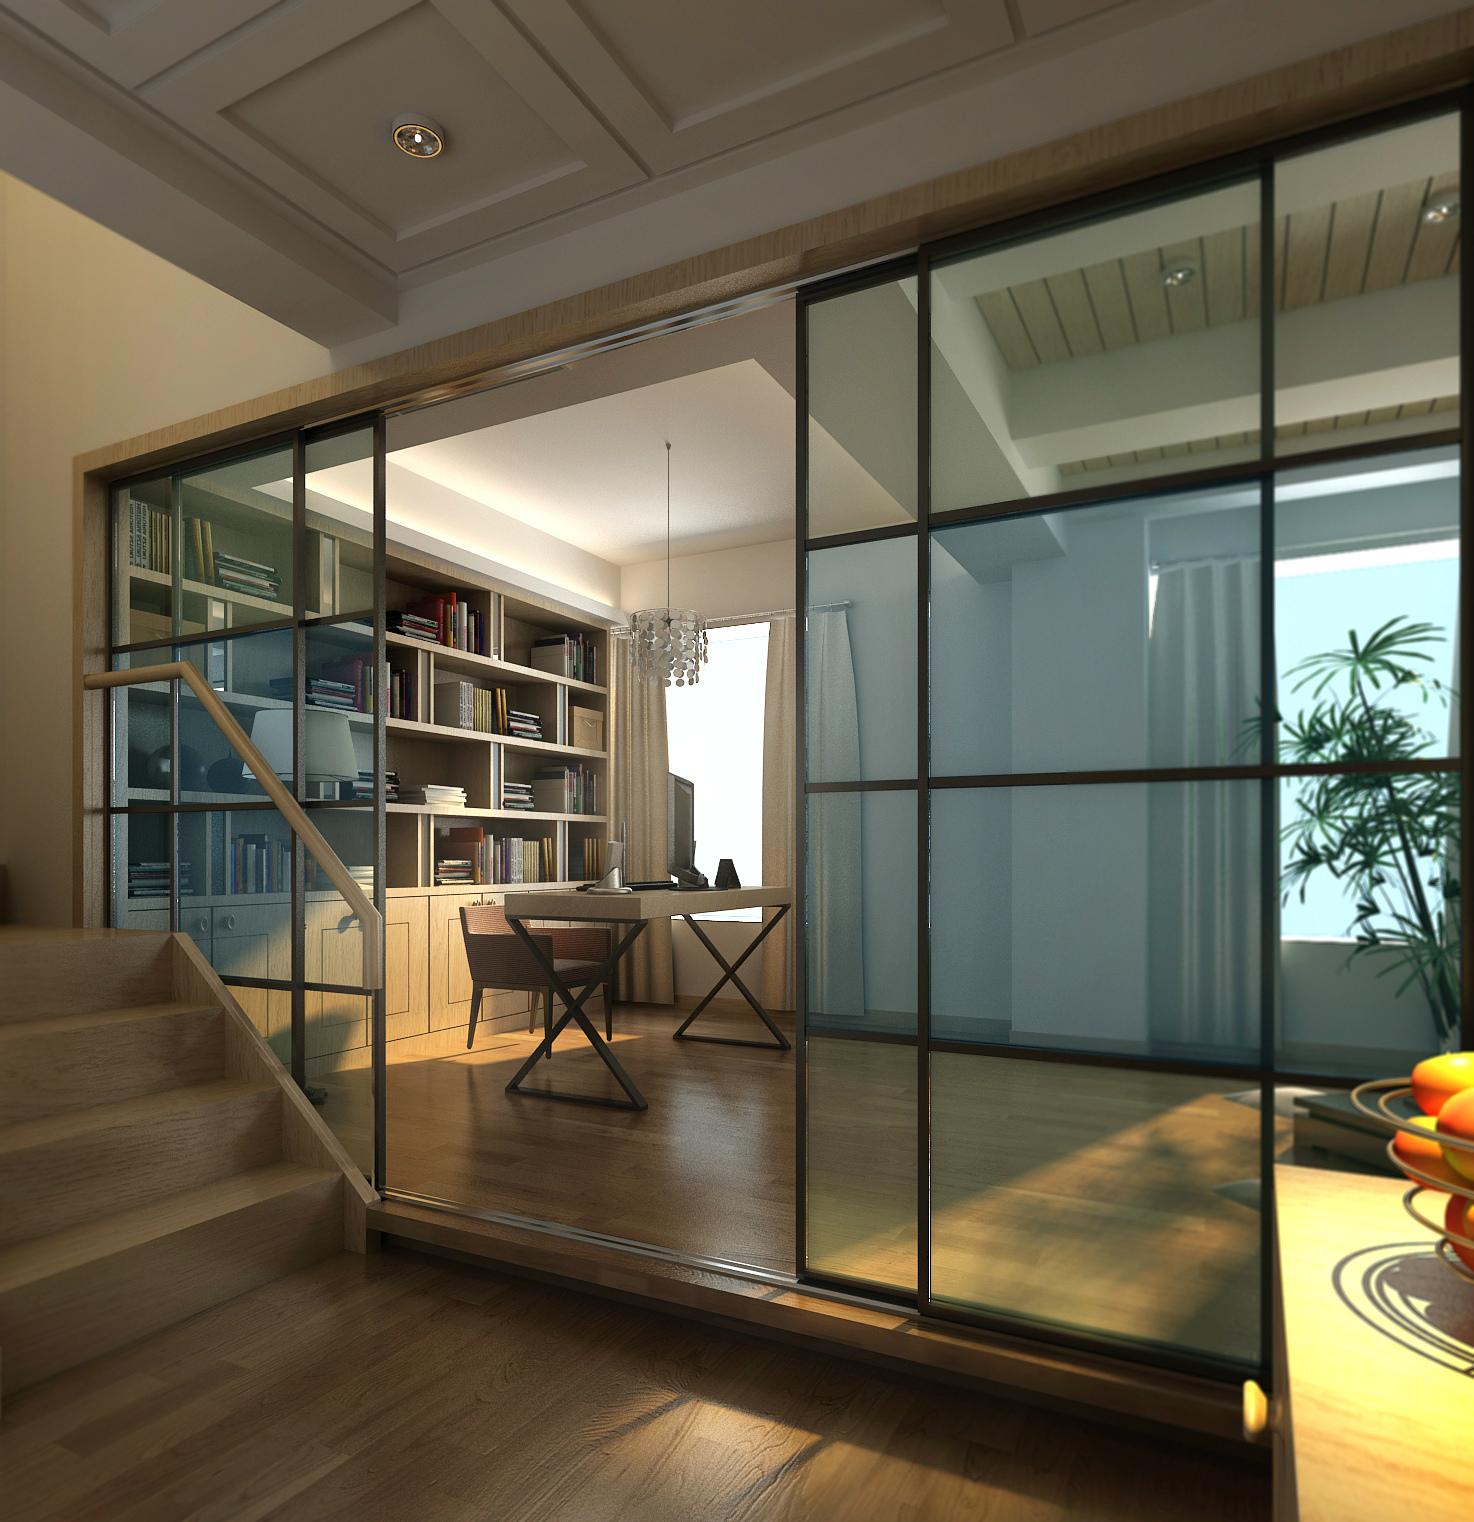 武汉实创 金色港湾 四居 复式楼 现代风格 书房图片来自静夜思在高贵奢华︱金色港湾︱现代风格的分享